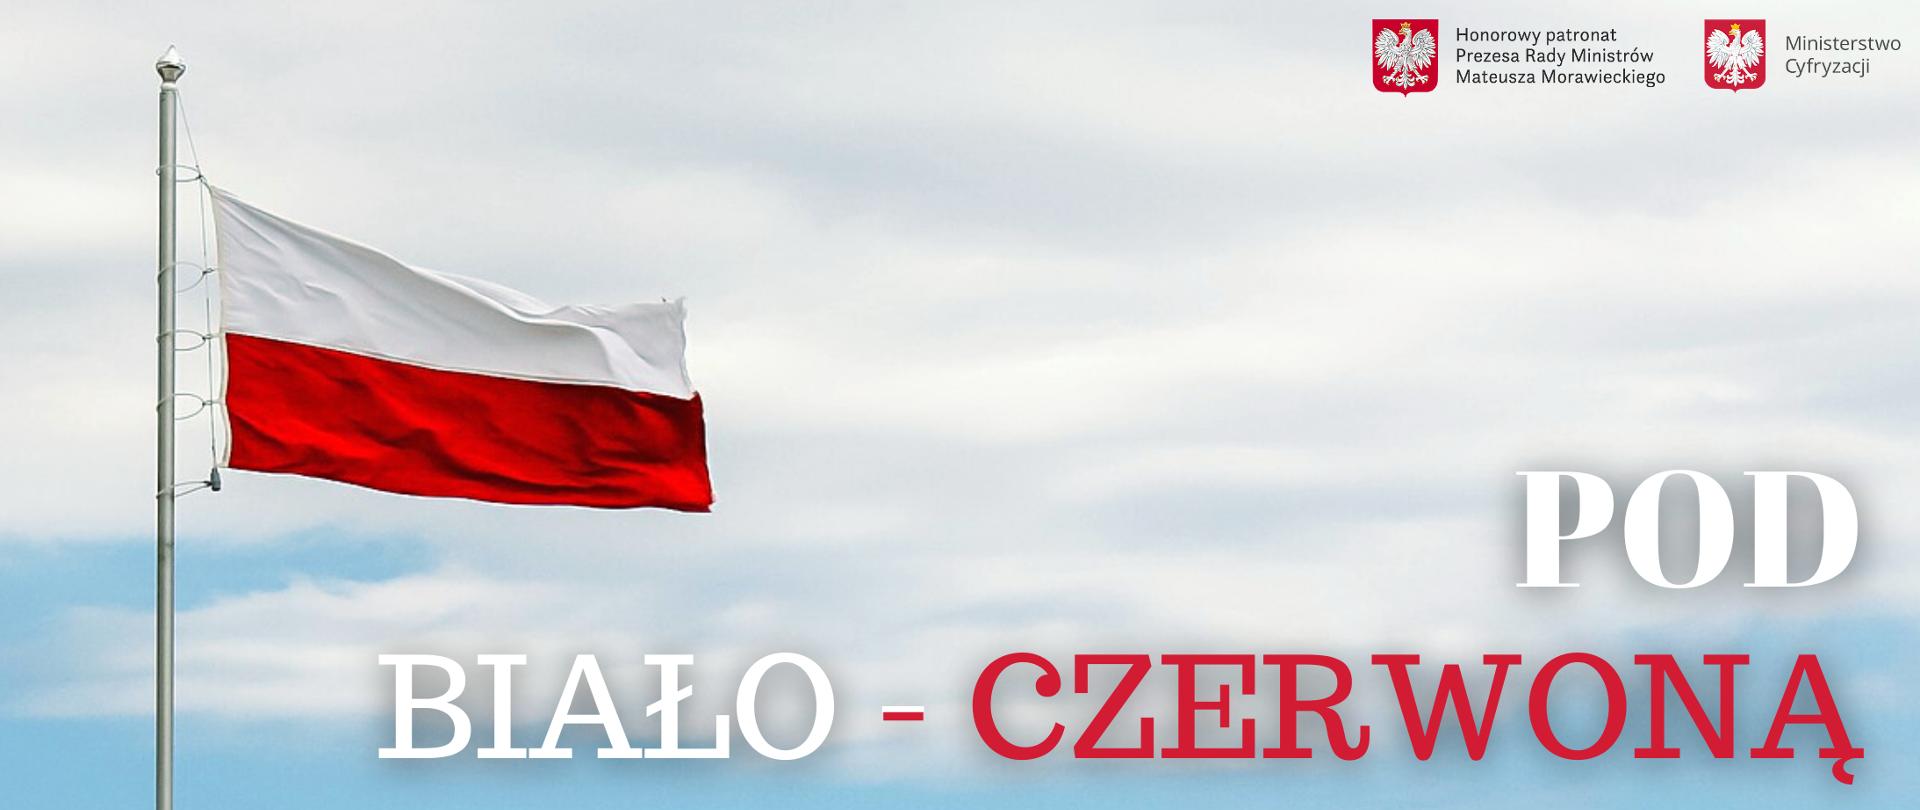 Zdjęcie przedstawia biało-czerwoną flagę z tytułem projektu: pod biało-czerwoną. W prawym górnym rogu zdjęcia umieszczone zostały logotypy: Kancelarii Premiera oraz Ministerstwa Cyfryzacji, nad którymi widnieje napis: Projekt Pod Honorowym Patronatem Prezesa Rady Ministrów Mateusza Morawieckiego